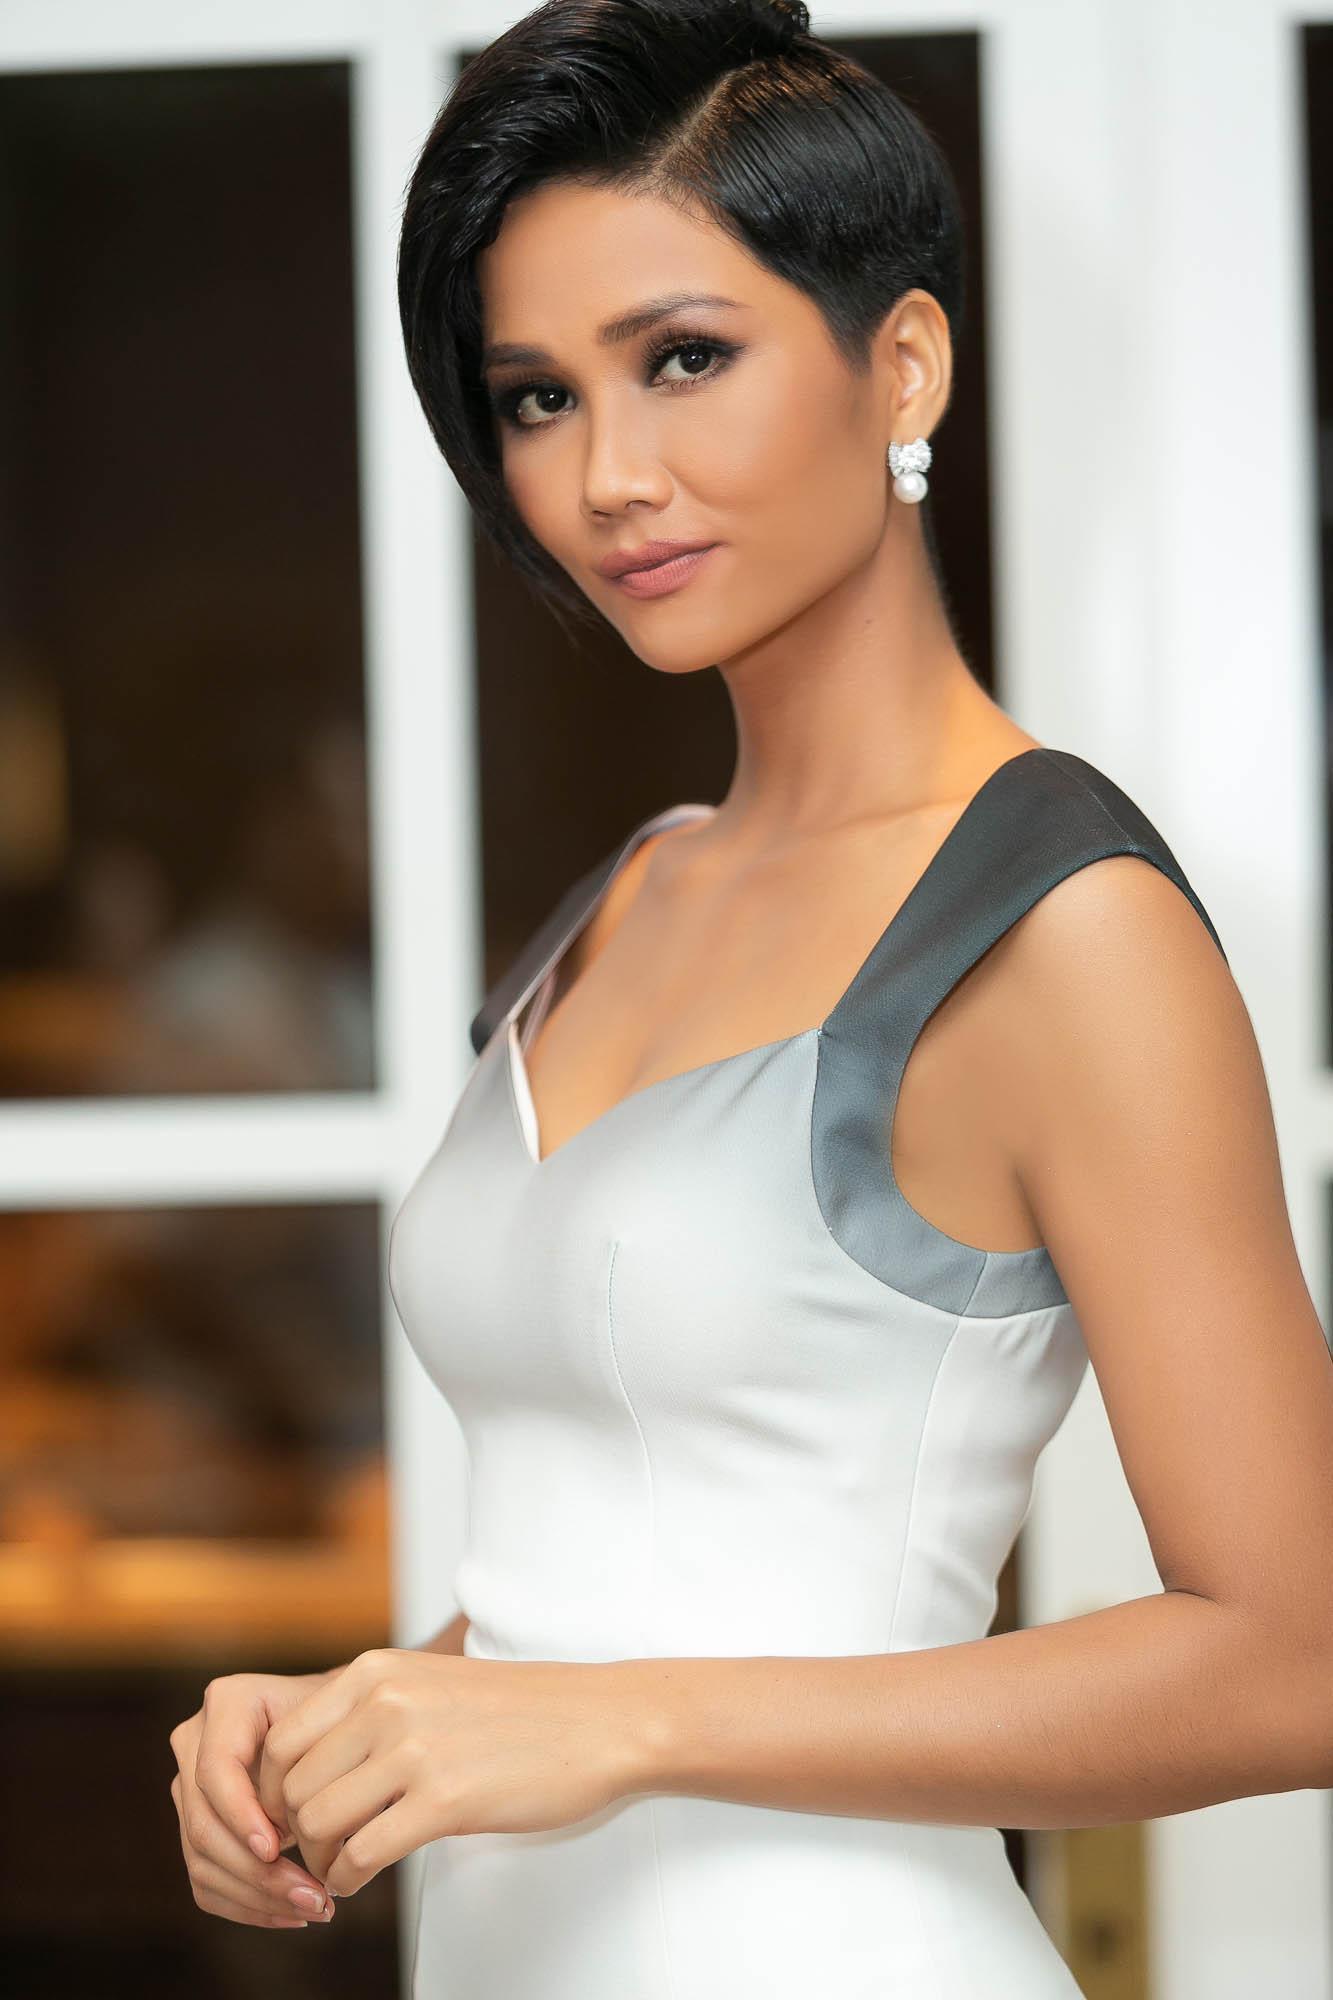 HHen Niê động viên Hoa hậu Hoàn vũ Indonesia sau trận động đất lịch sử khiến gần 100 người thiệt mạng - Ảnh 3.